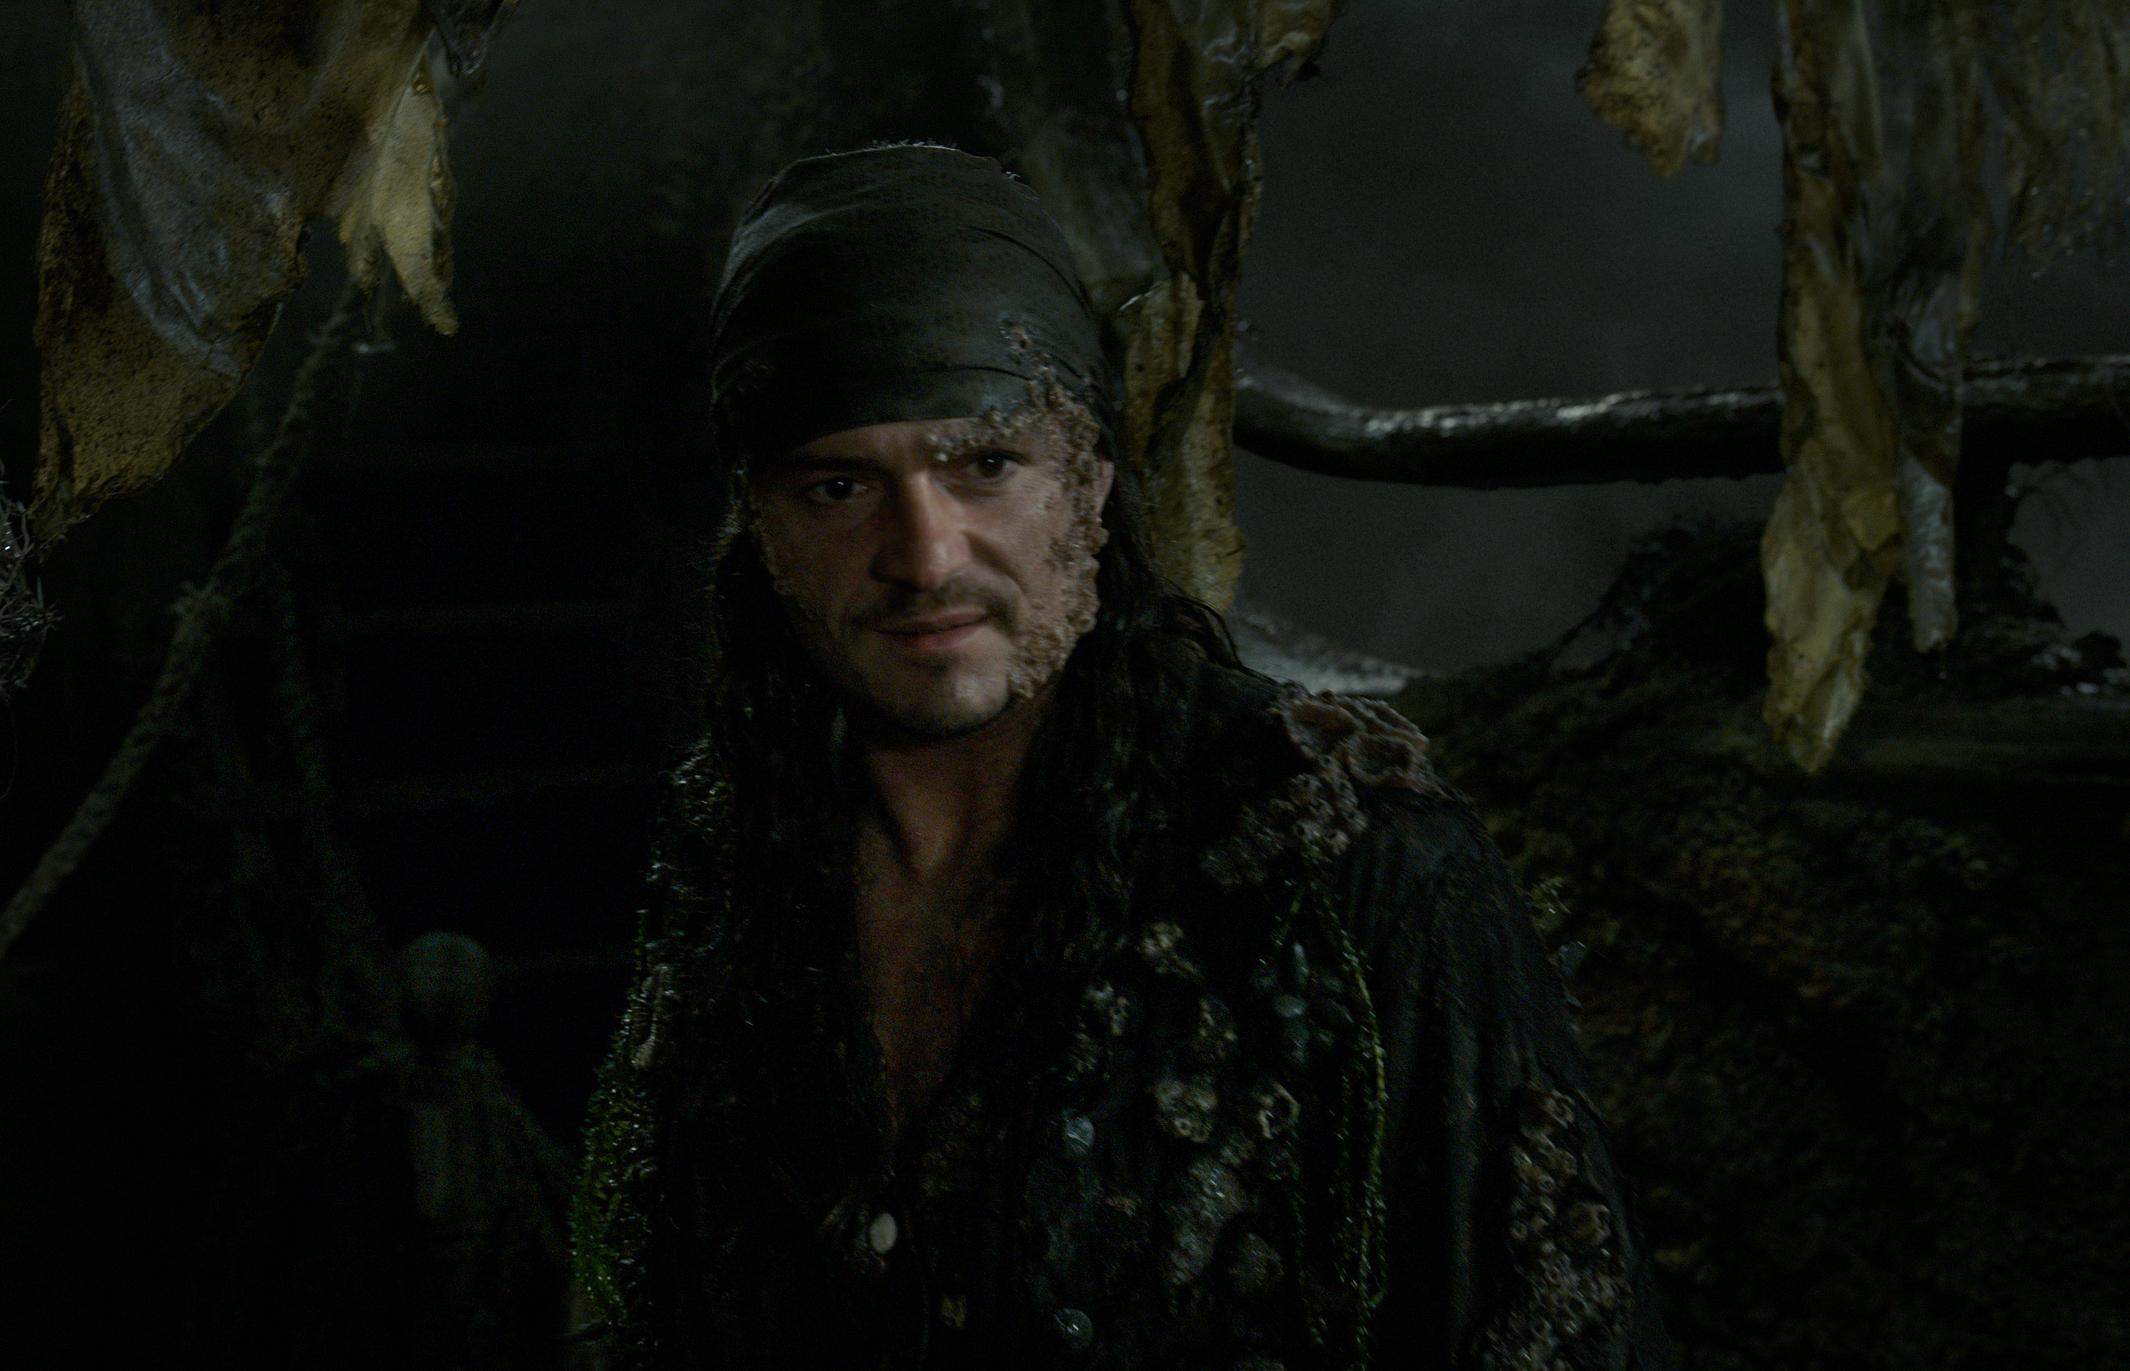 Dead Men Tell No Tales Wallpaper: Pirates Of The Caribbean: Dead Men Tell No Tales HD